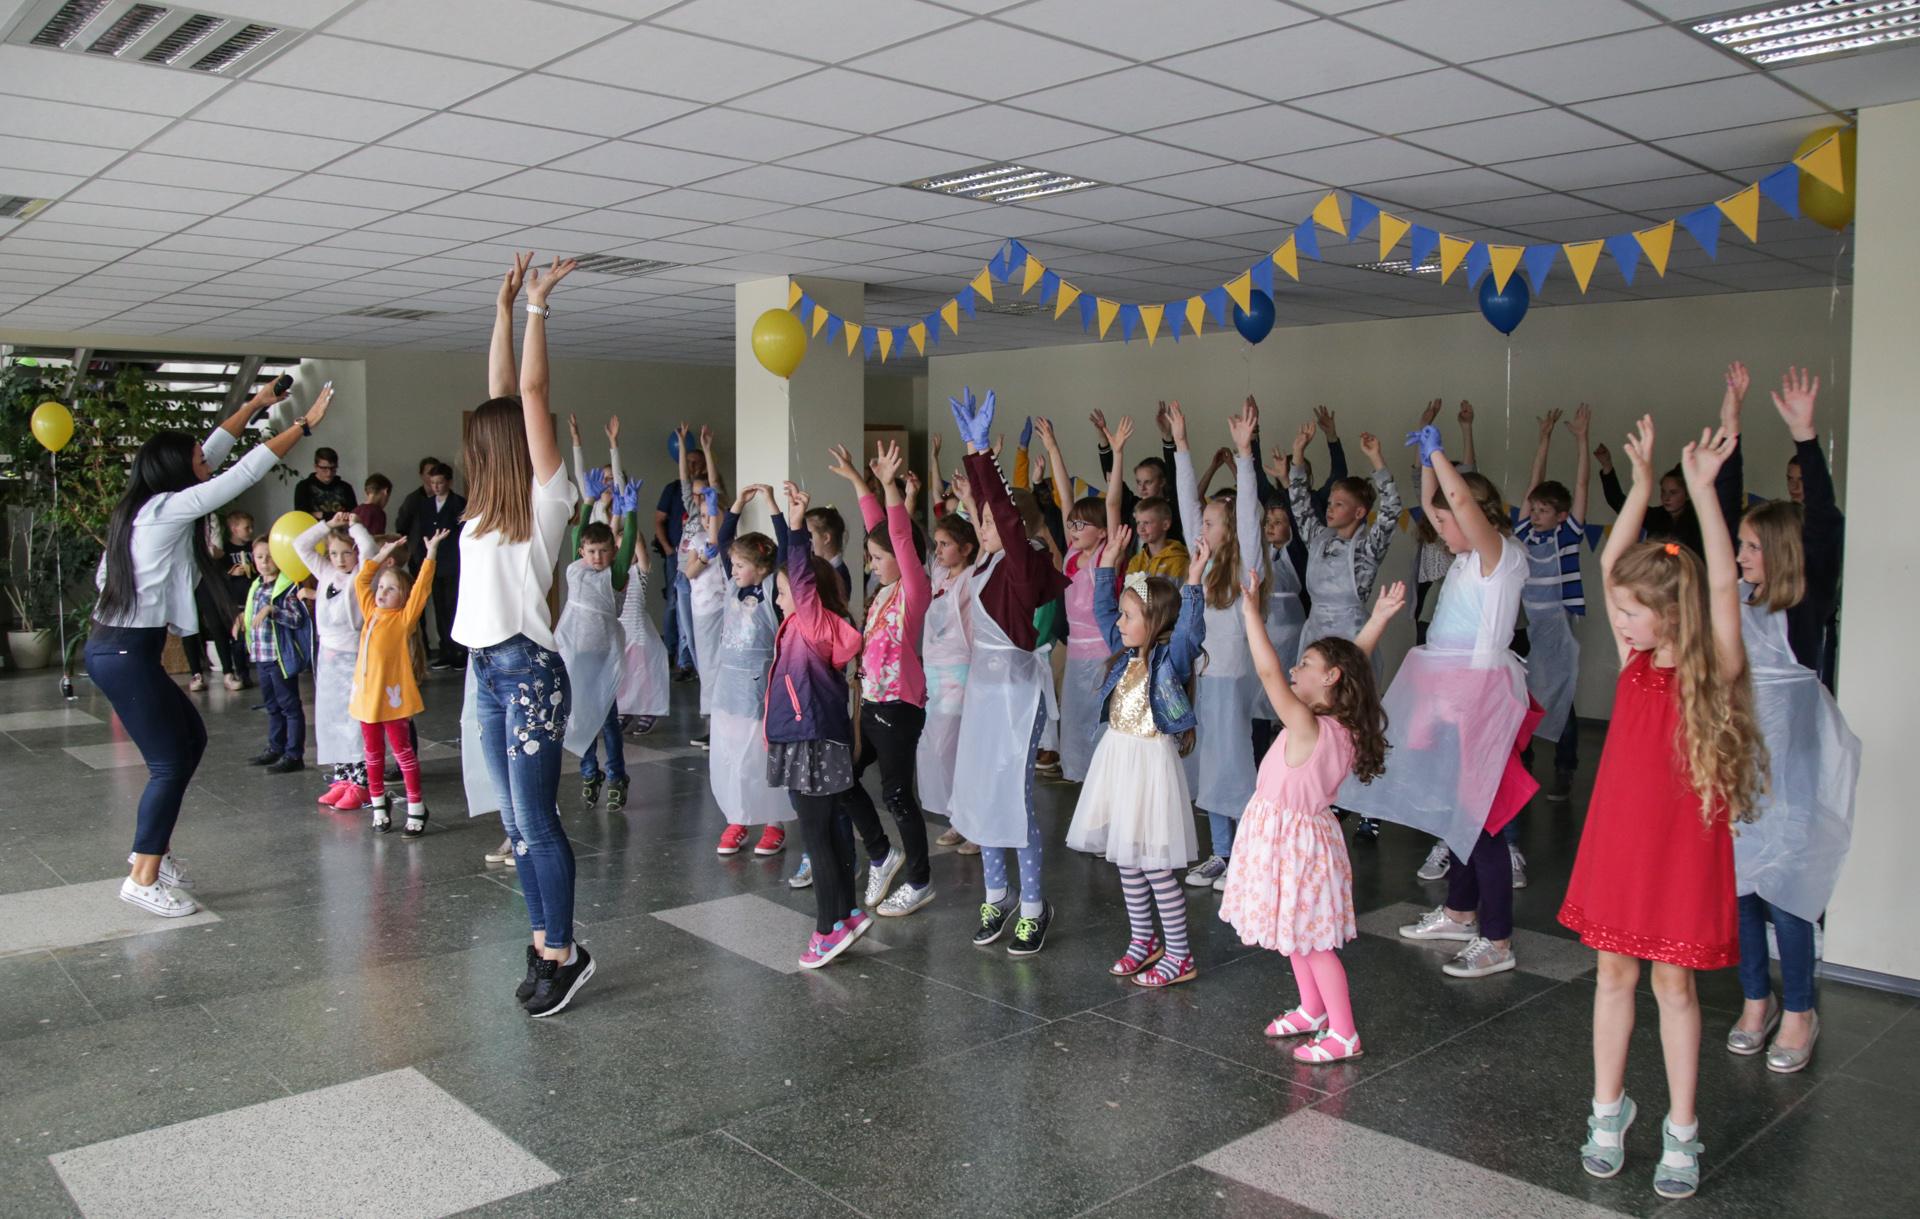 Dar viena šių metų Šeimos dienos pramoga – bendras flashmobo šokis, kurį parengė Natalija Tokareva.